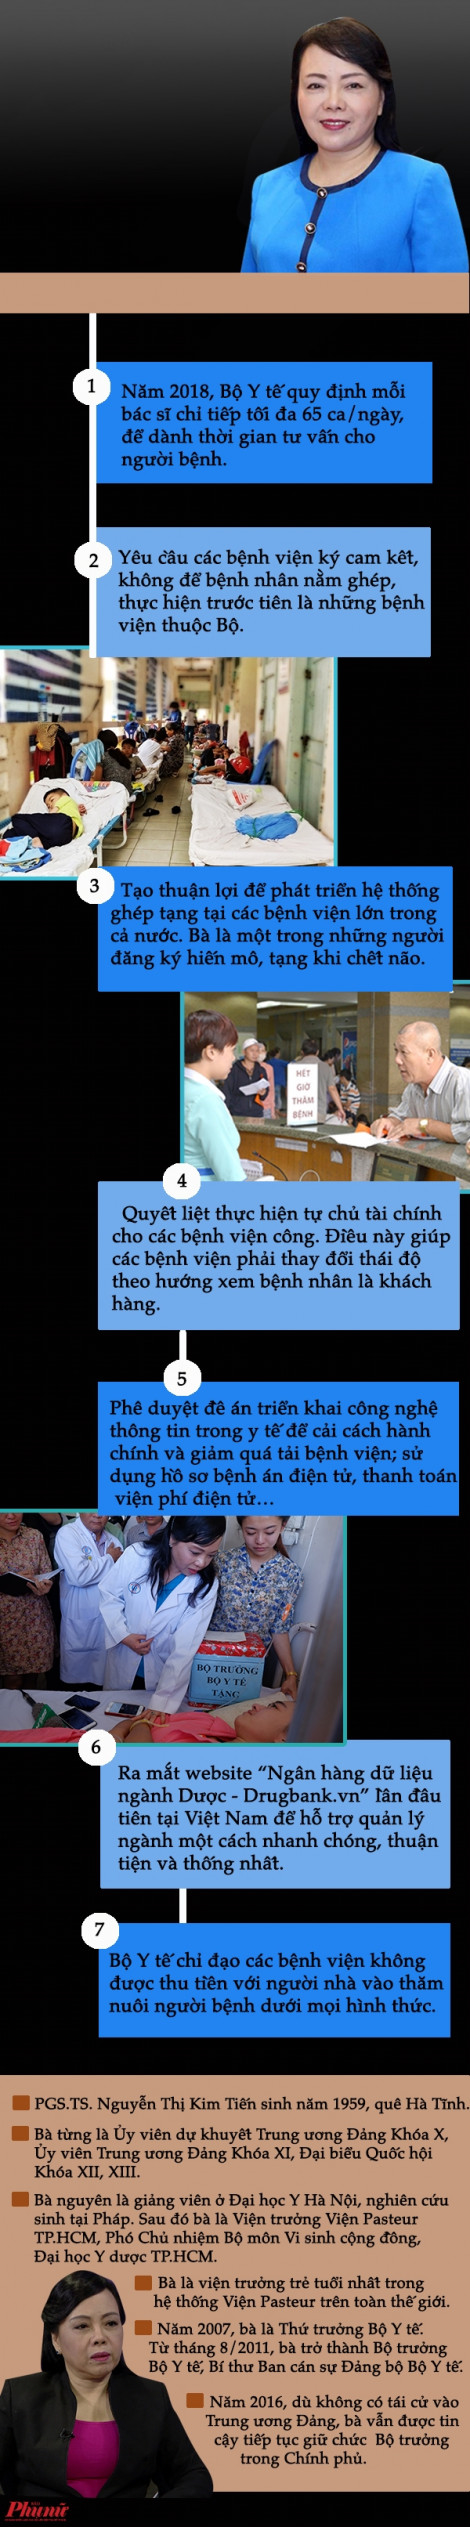 Dấu ấn khi làm Bộ trưởng Y tế của bà Nguyễn Thị Kim Tiến